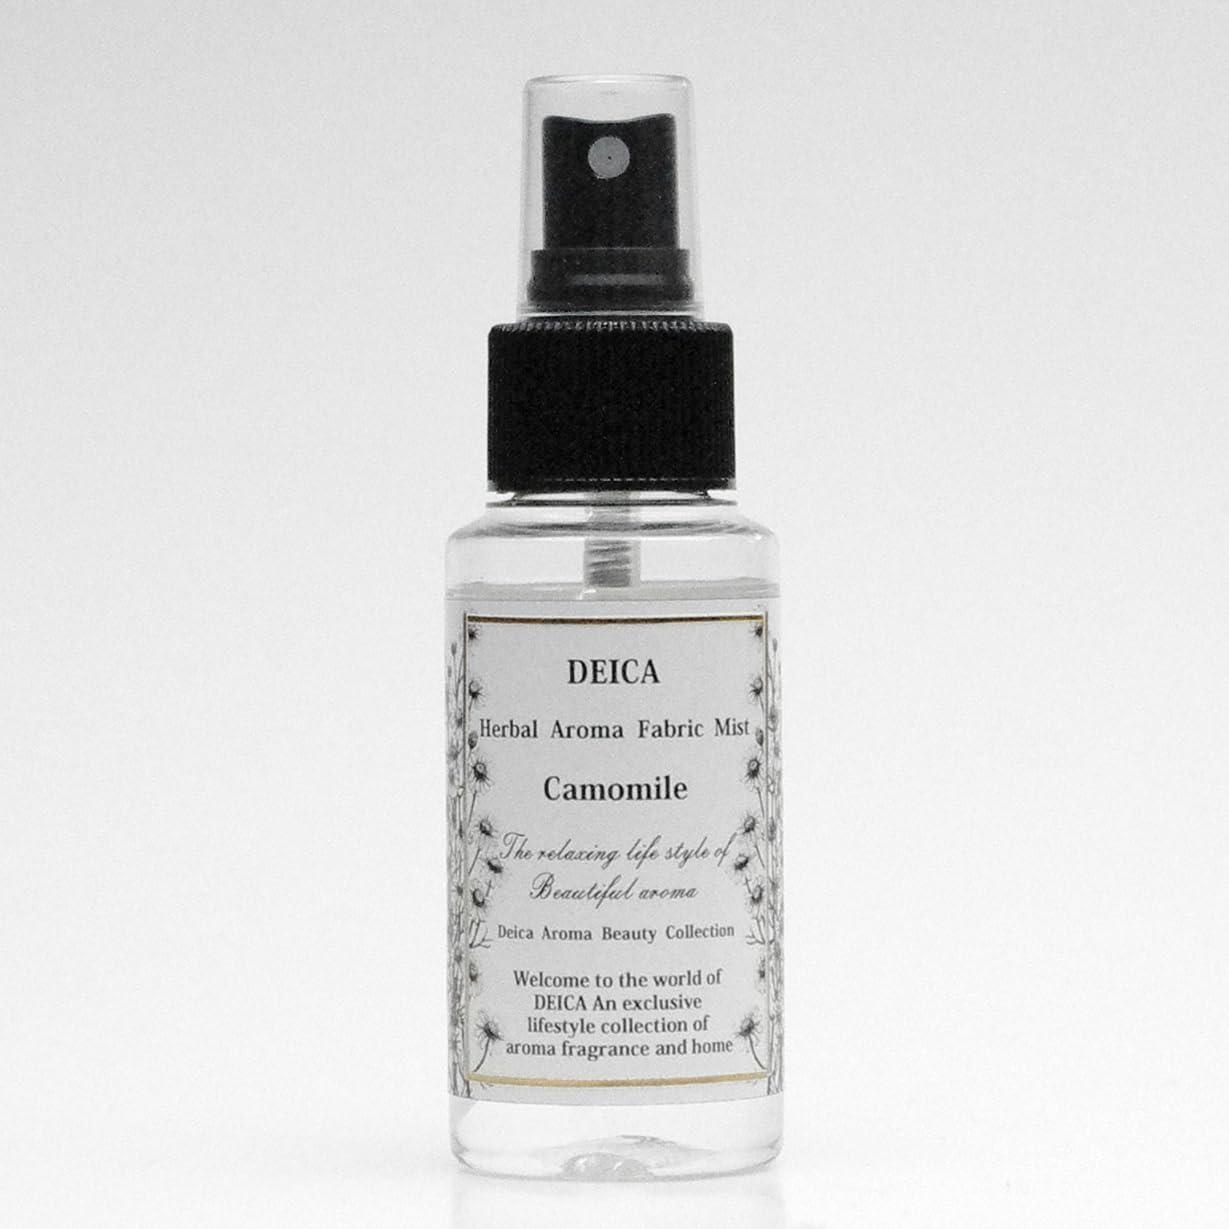 化学薬品バルーンいっぱいDEICA ハーバルアロマ ファブリックミスト ミニサイズ カモミール